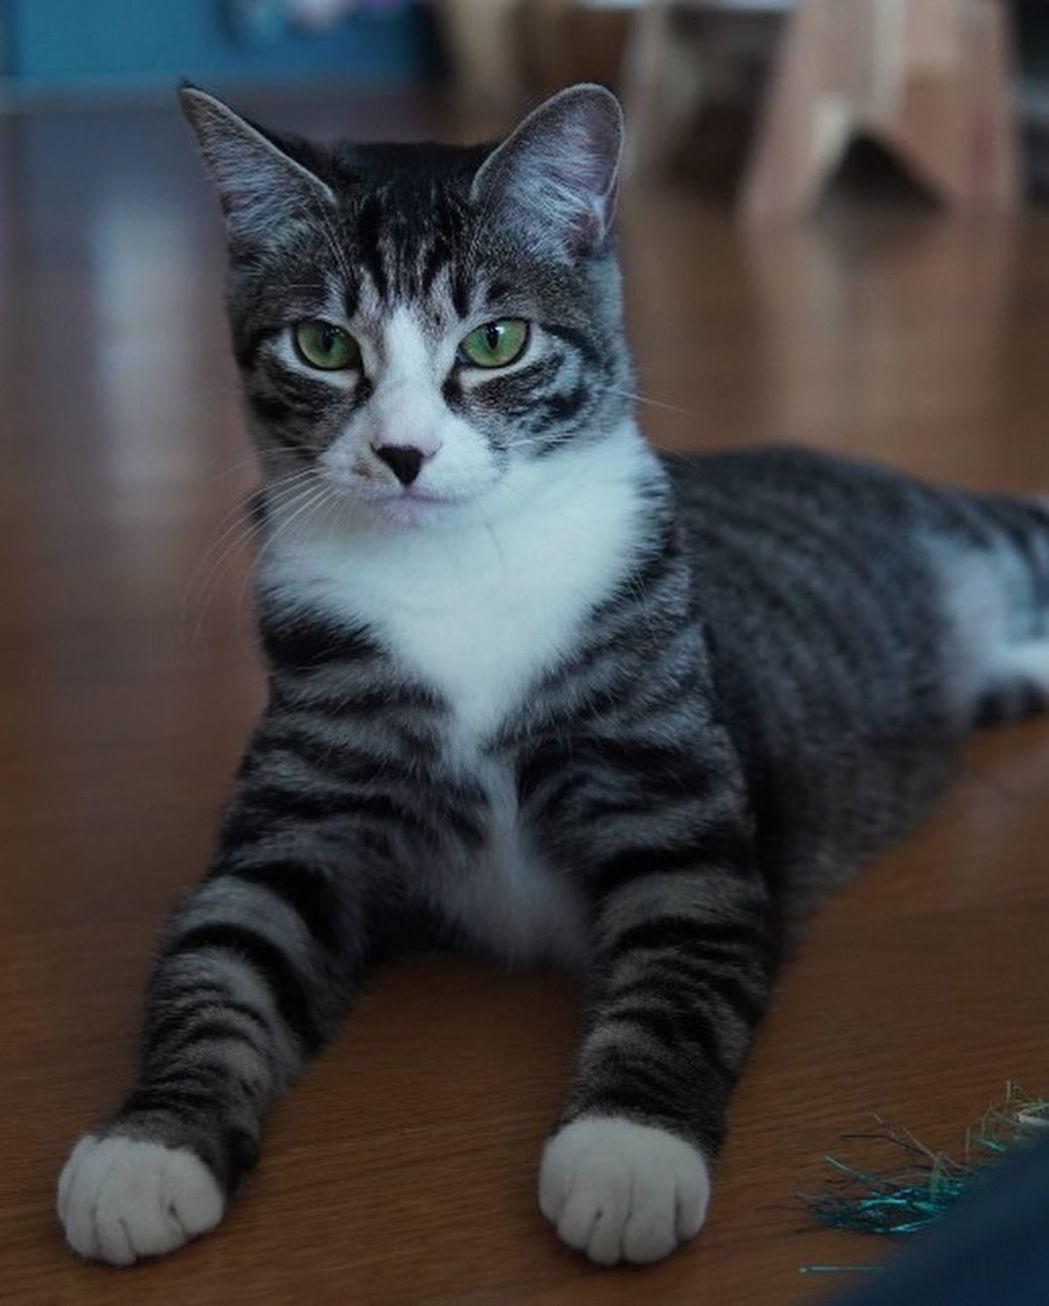 俞承豪分享貓咪近況,讓網友放心。圖/擷自IG